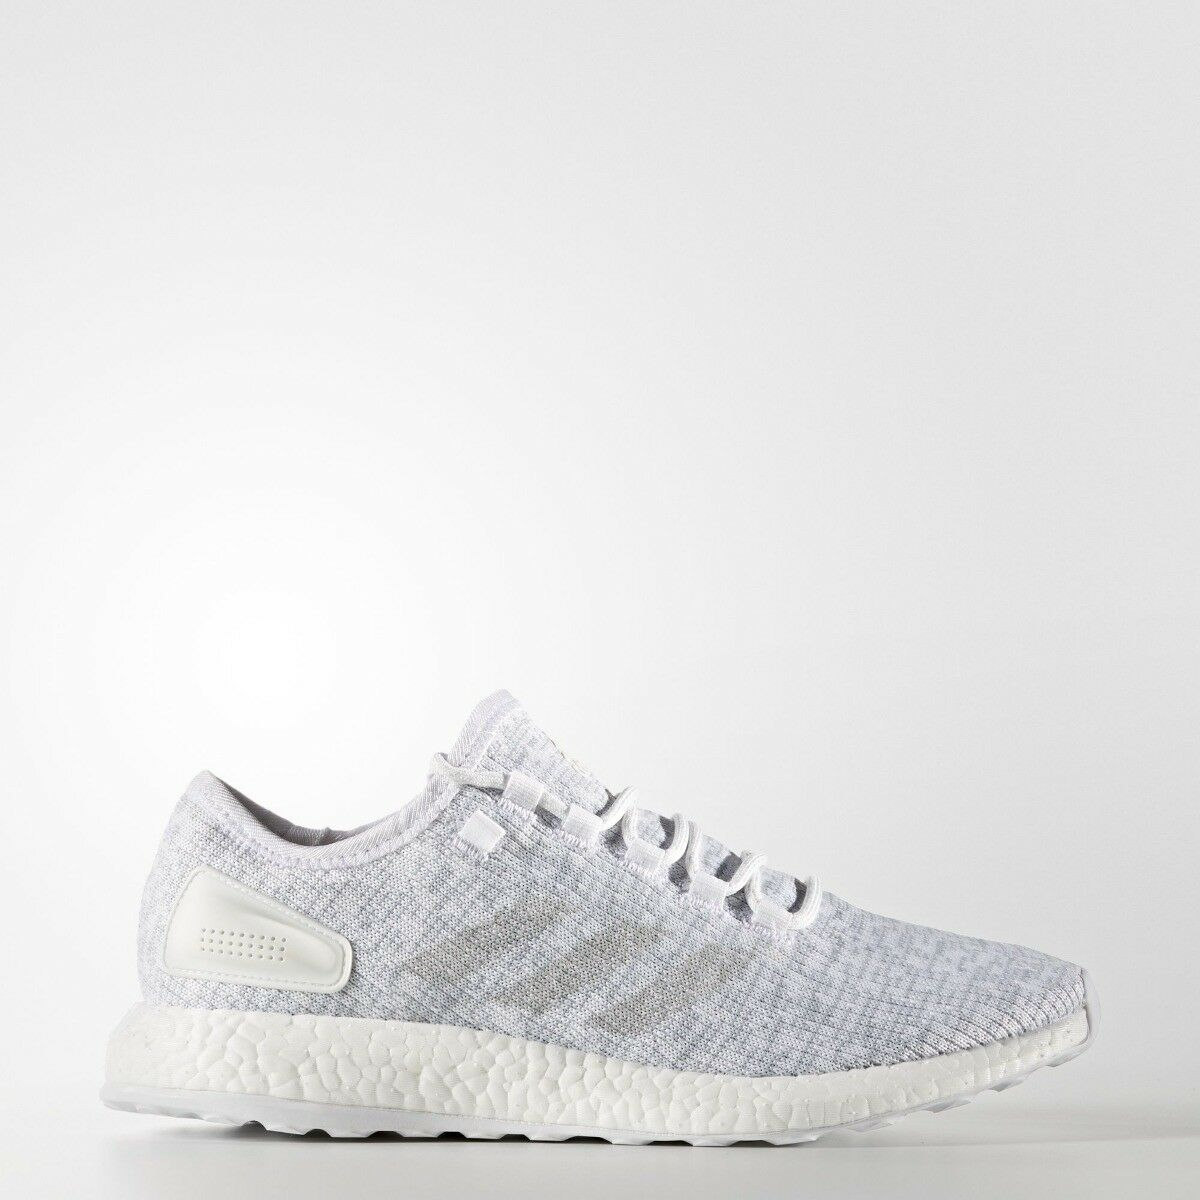 Adidas Pureboost Hombre running Zapatilla de deporte Talla 8 10.5 11.5 blancoo